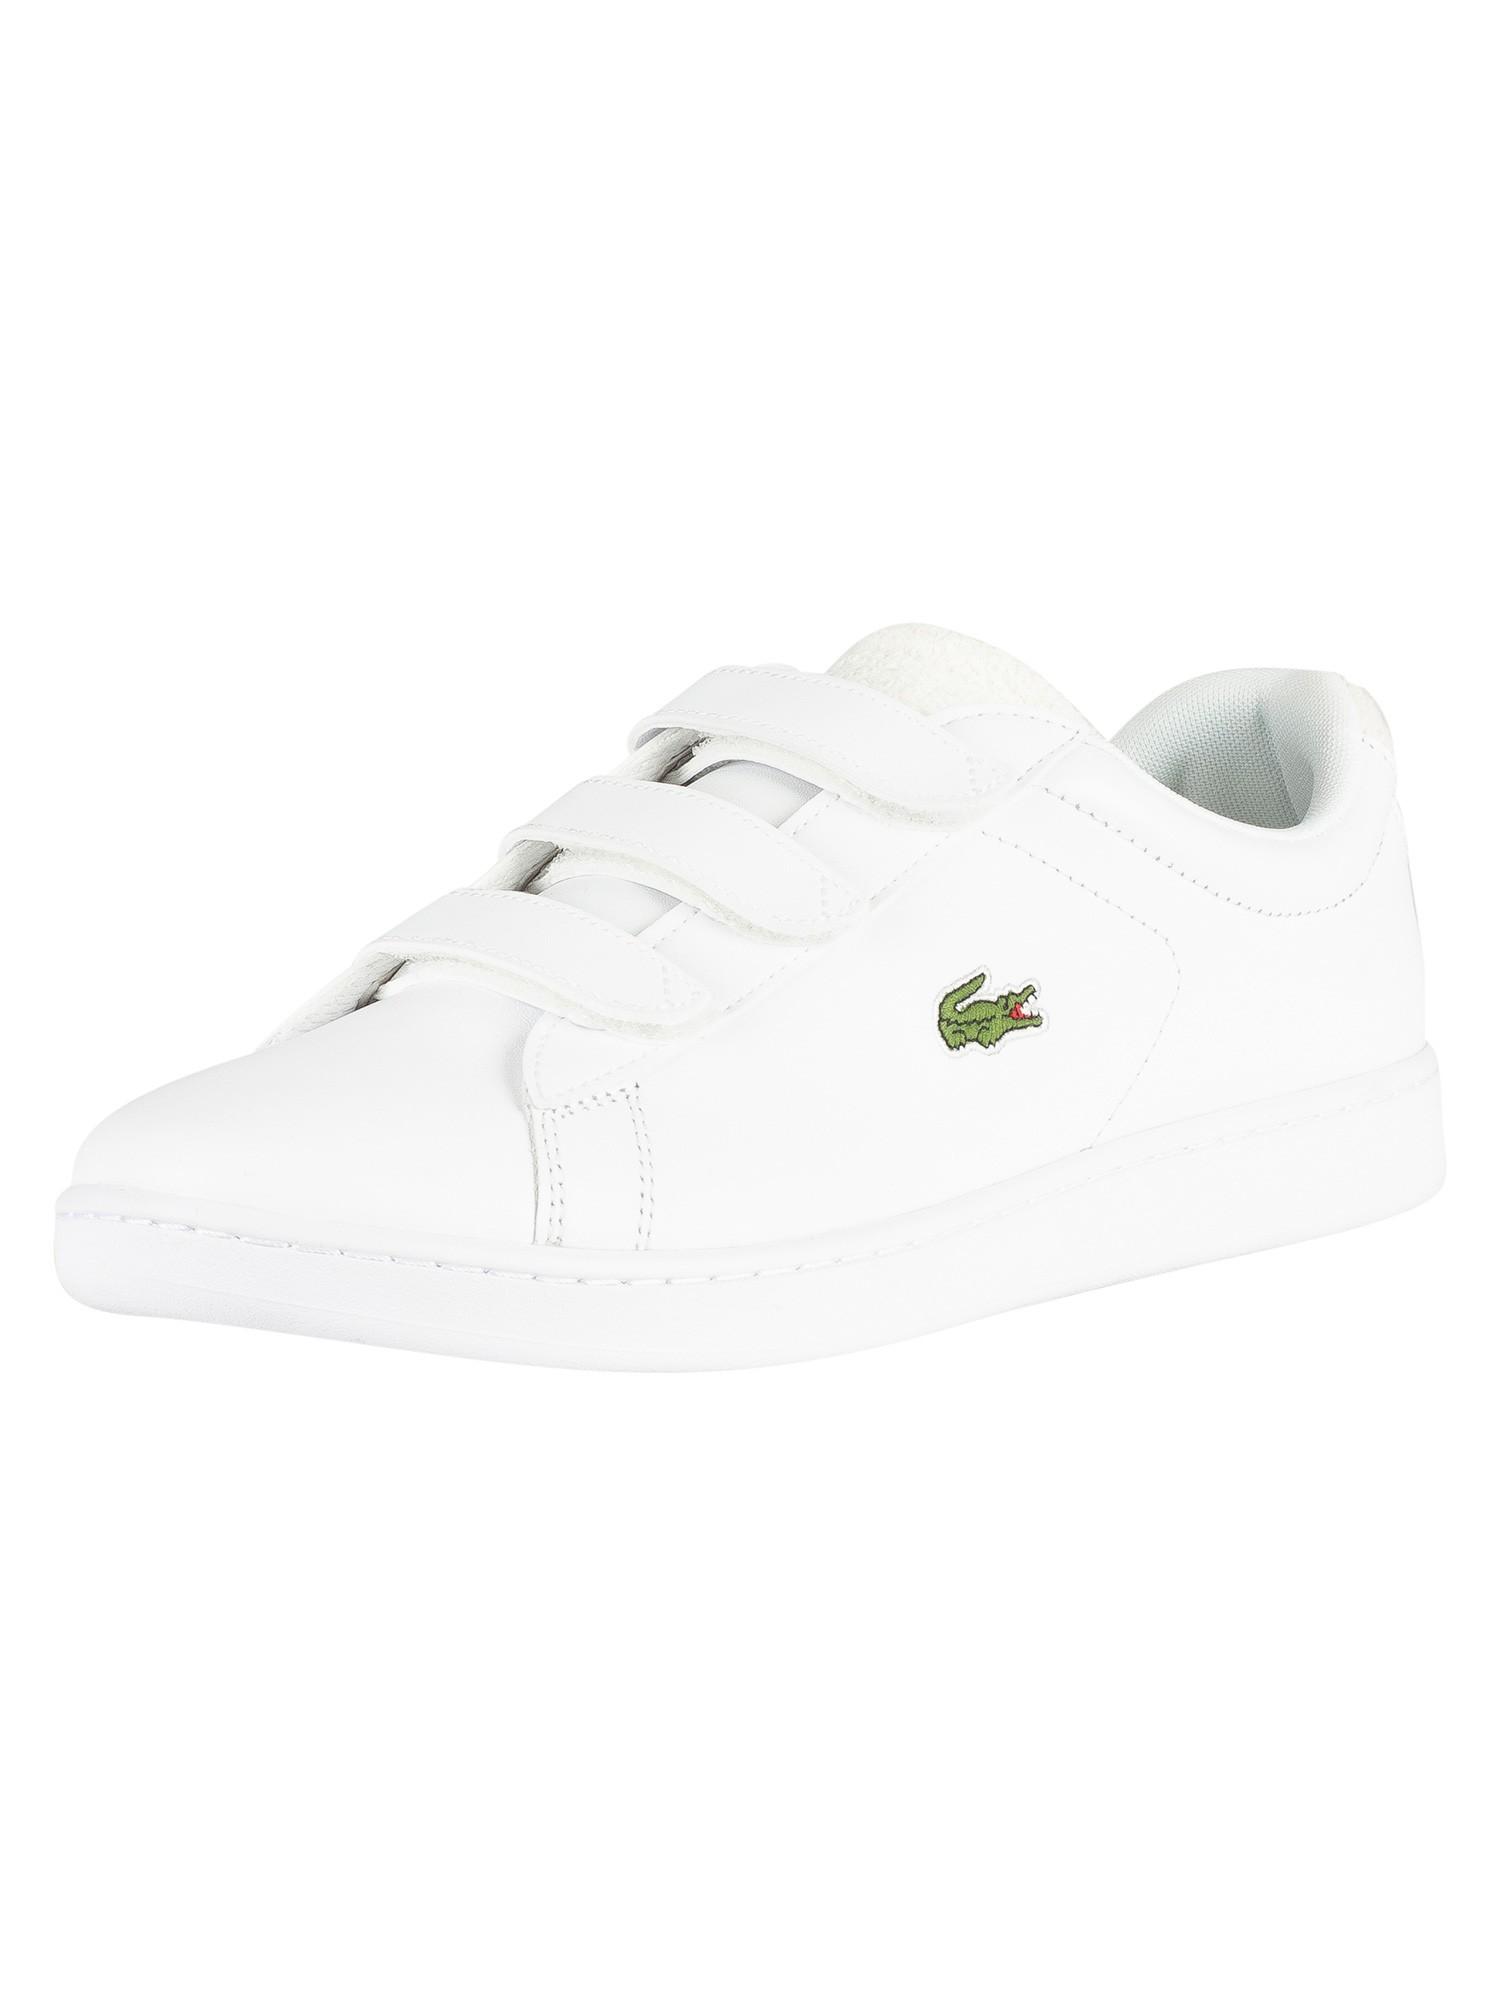 przytulnie świeże najlepszy dostawca najniższa zniżka Lacoste Carnaby Evo Strap 119 3 SMA Leather Trainers - White/Off White